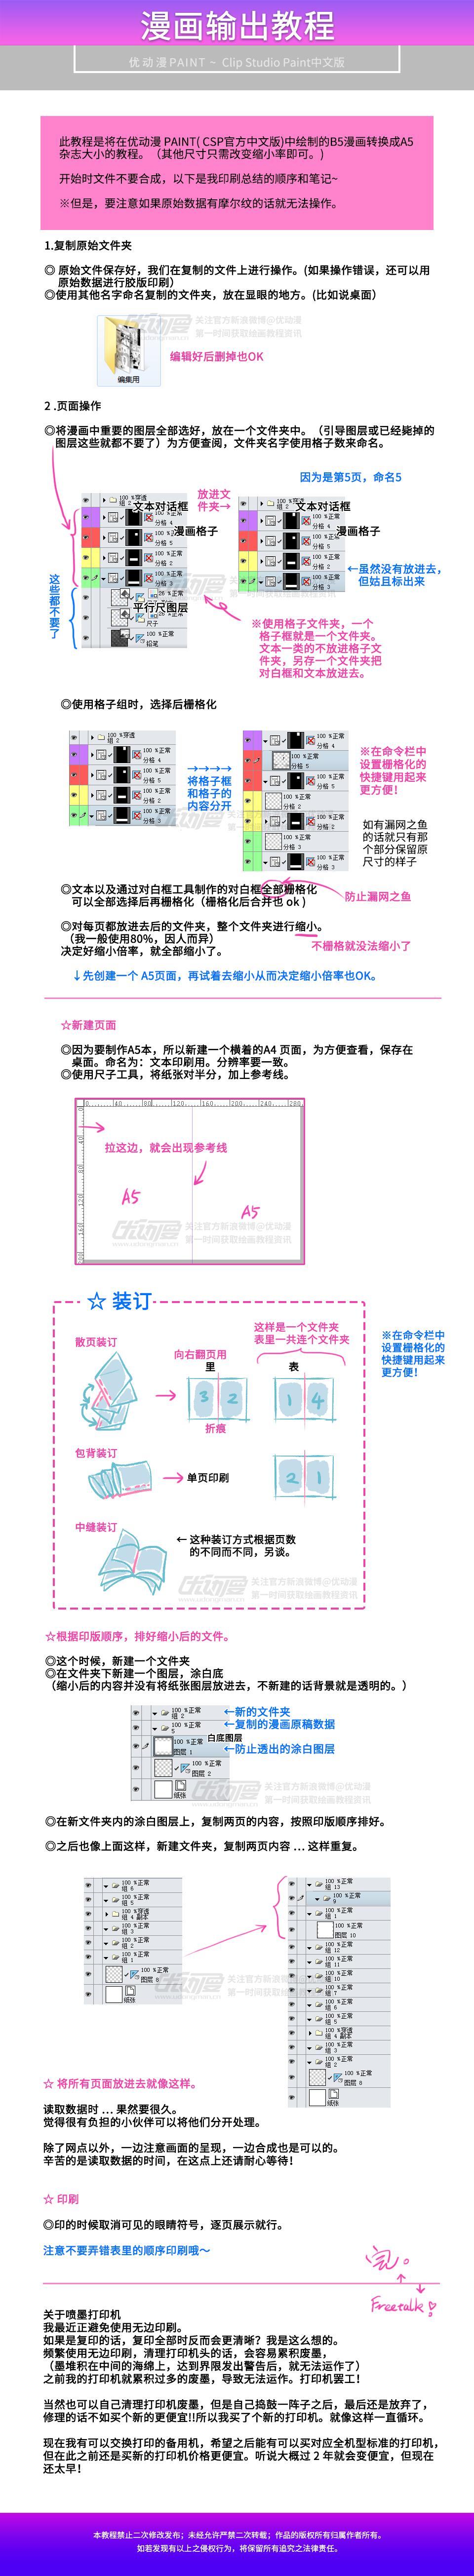 漫画输出教程1.png